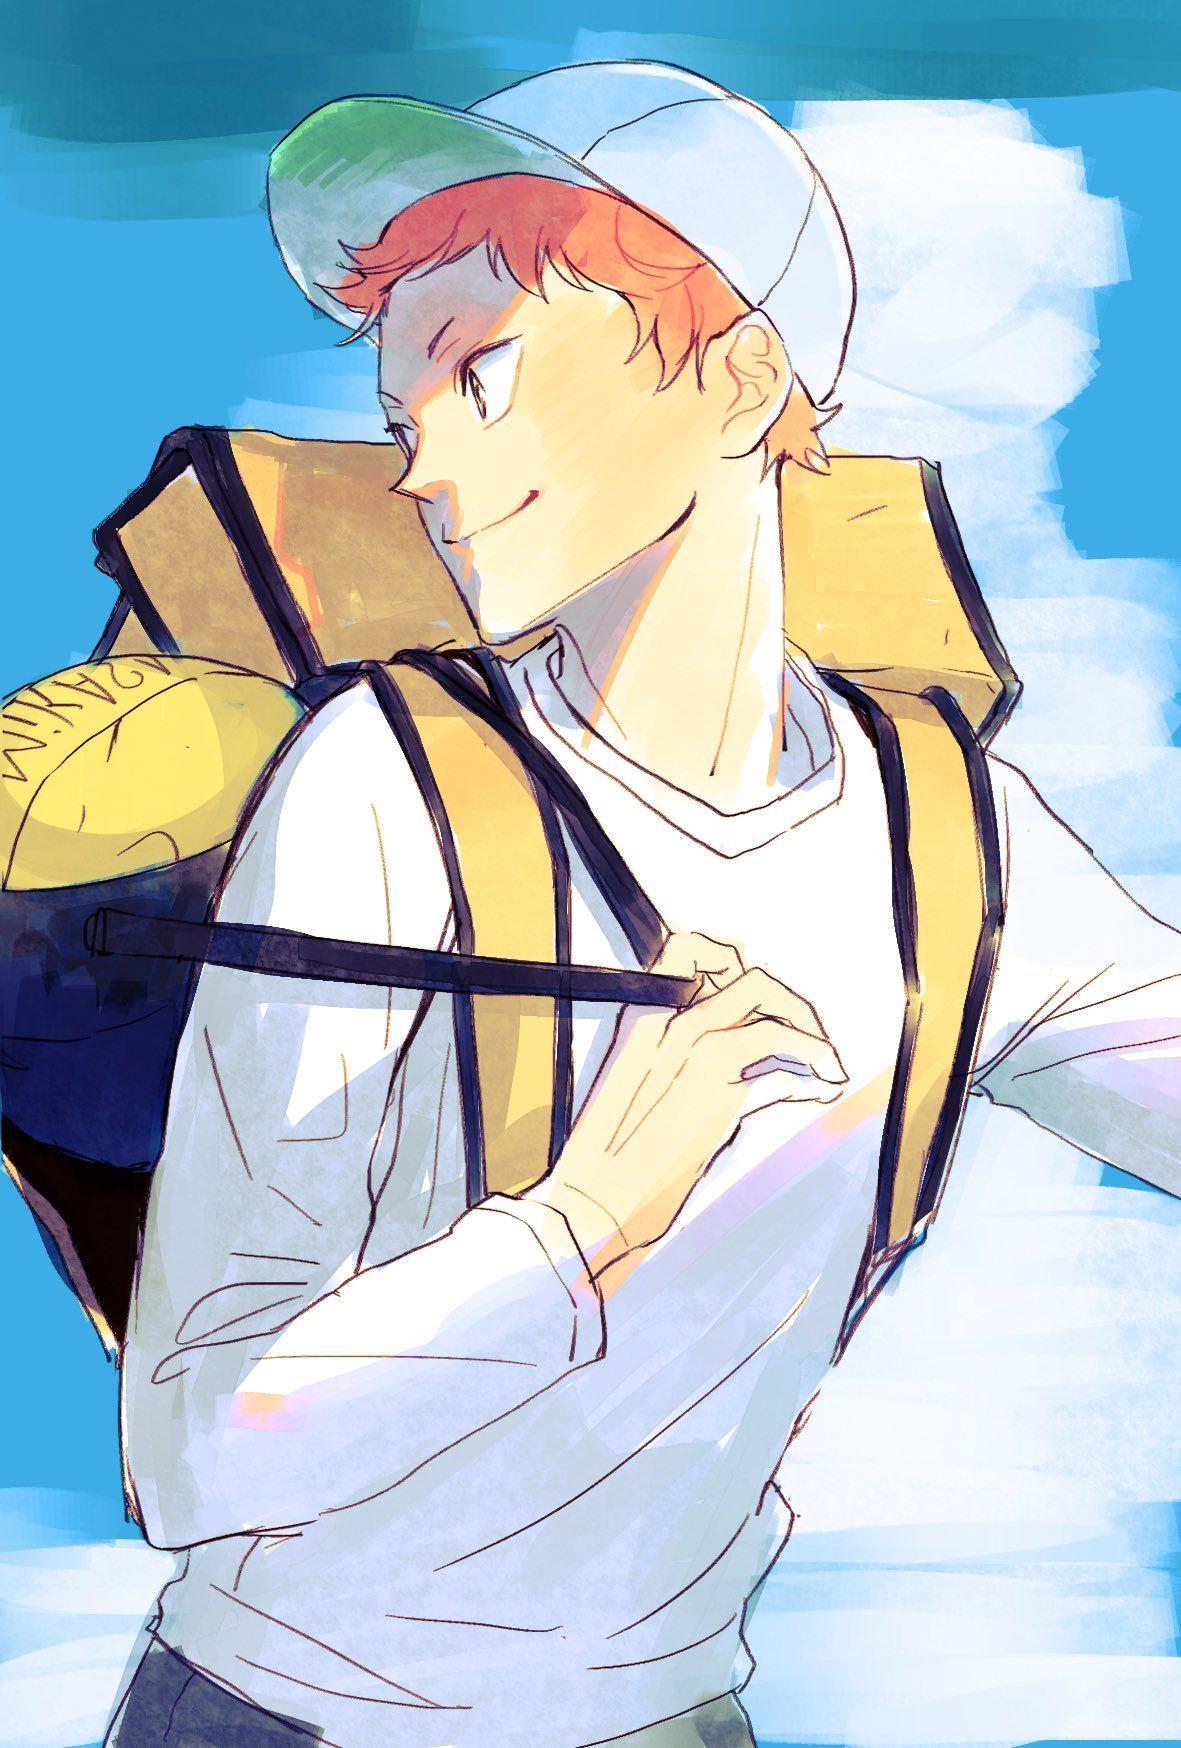 Pin by Child of Bears on Haikyuu in 2020 Anime, Haikyuu